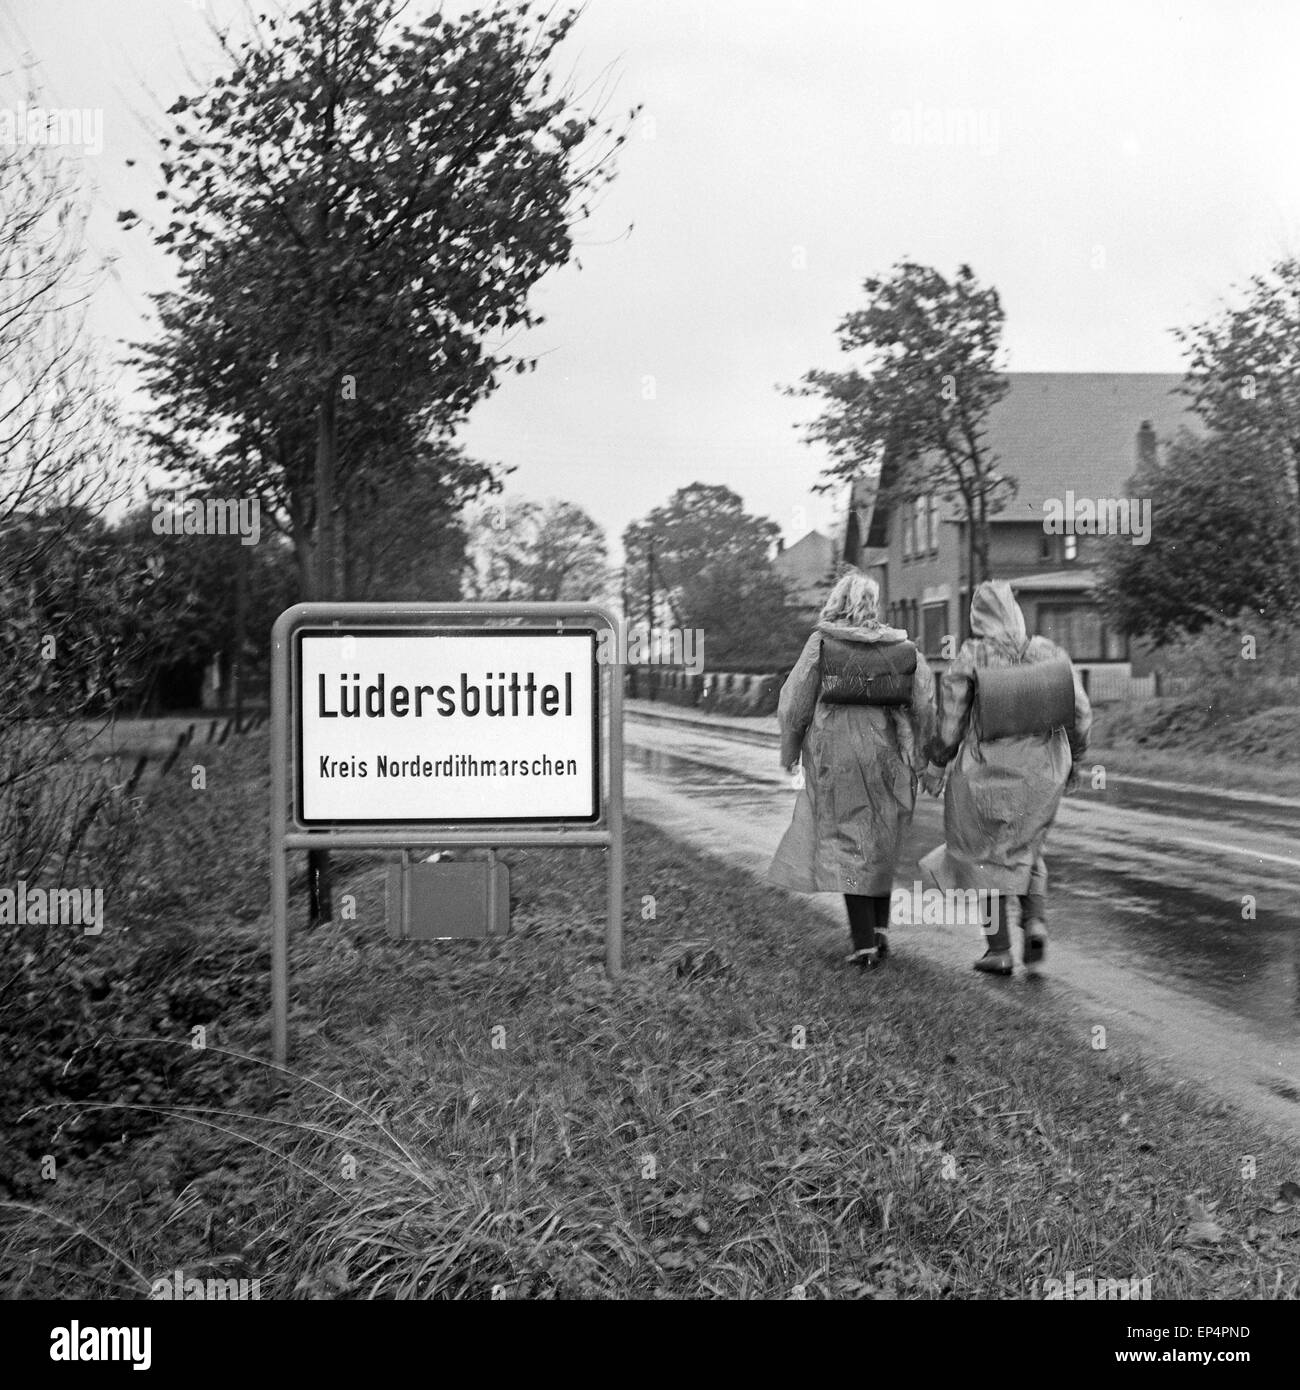 Zwei Kinder in Lüdersbüttel im Kreis Norderdithmarschen in Schleswig Holstein auf dem Weg zur Schule, Deutschland 1960er Jahre. Stock Photo